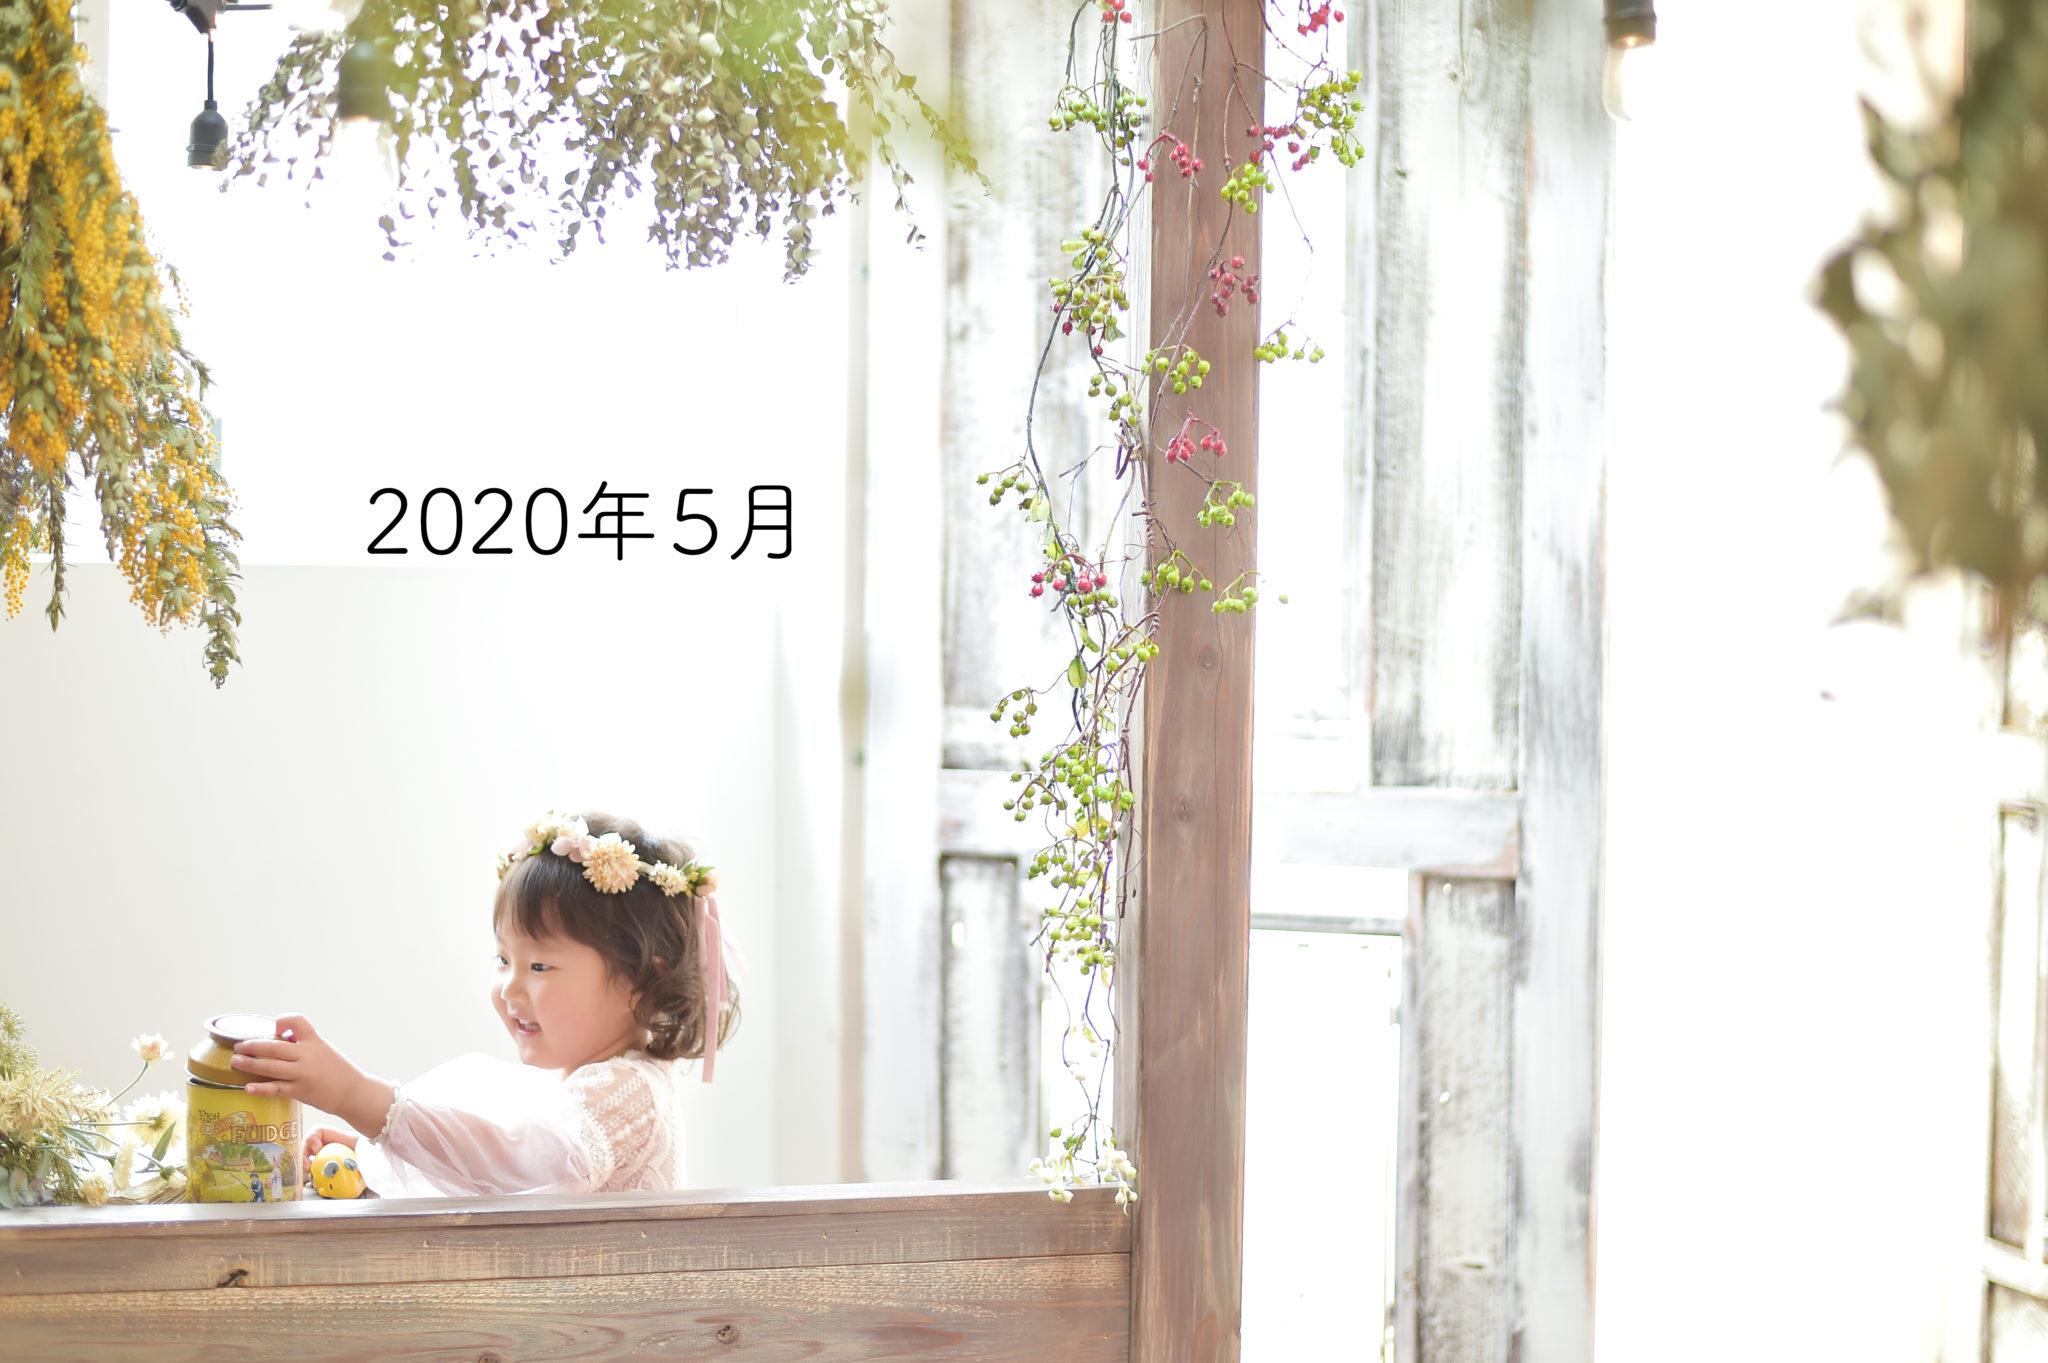 宝塚市 写真館 スタジオオレンジモンテシート